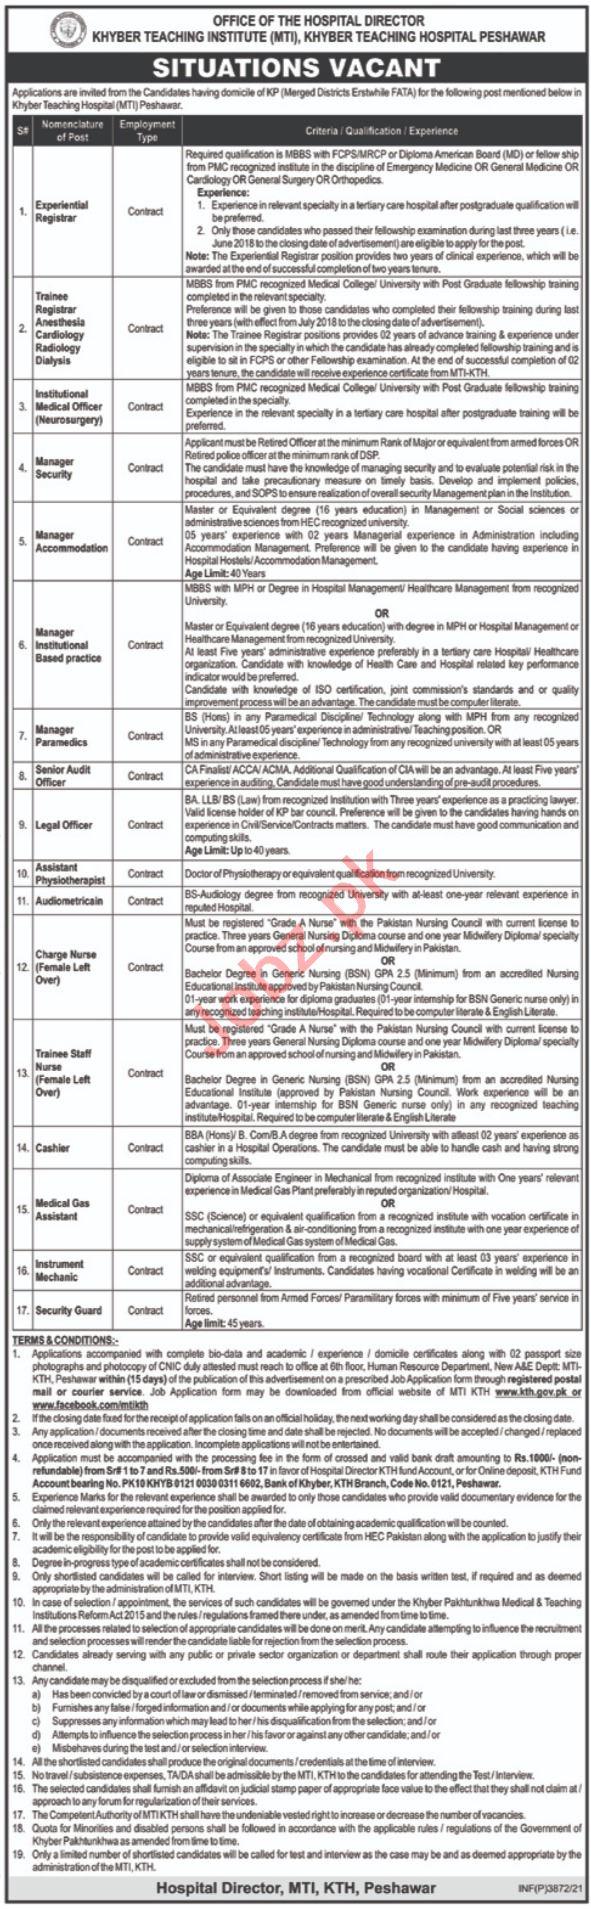 Khyber Teaching Institute Peshawar Jobs 2021 for Registrars